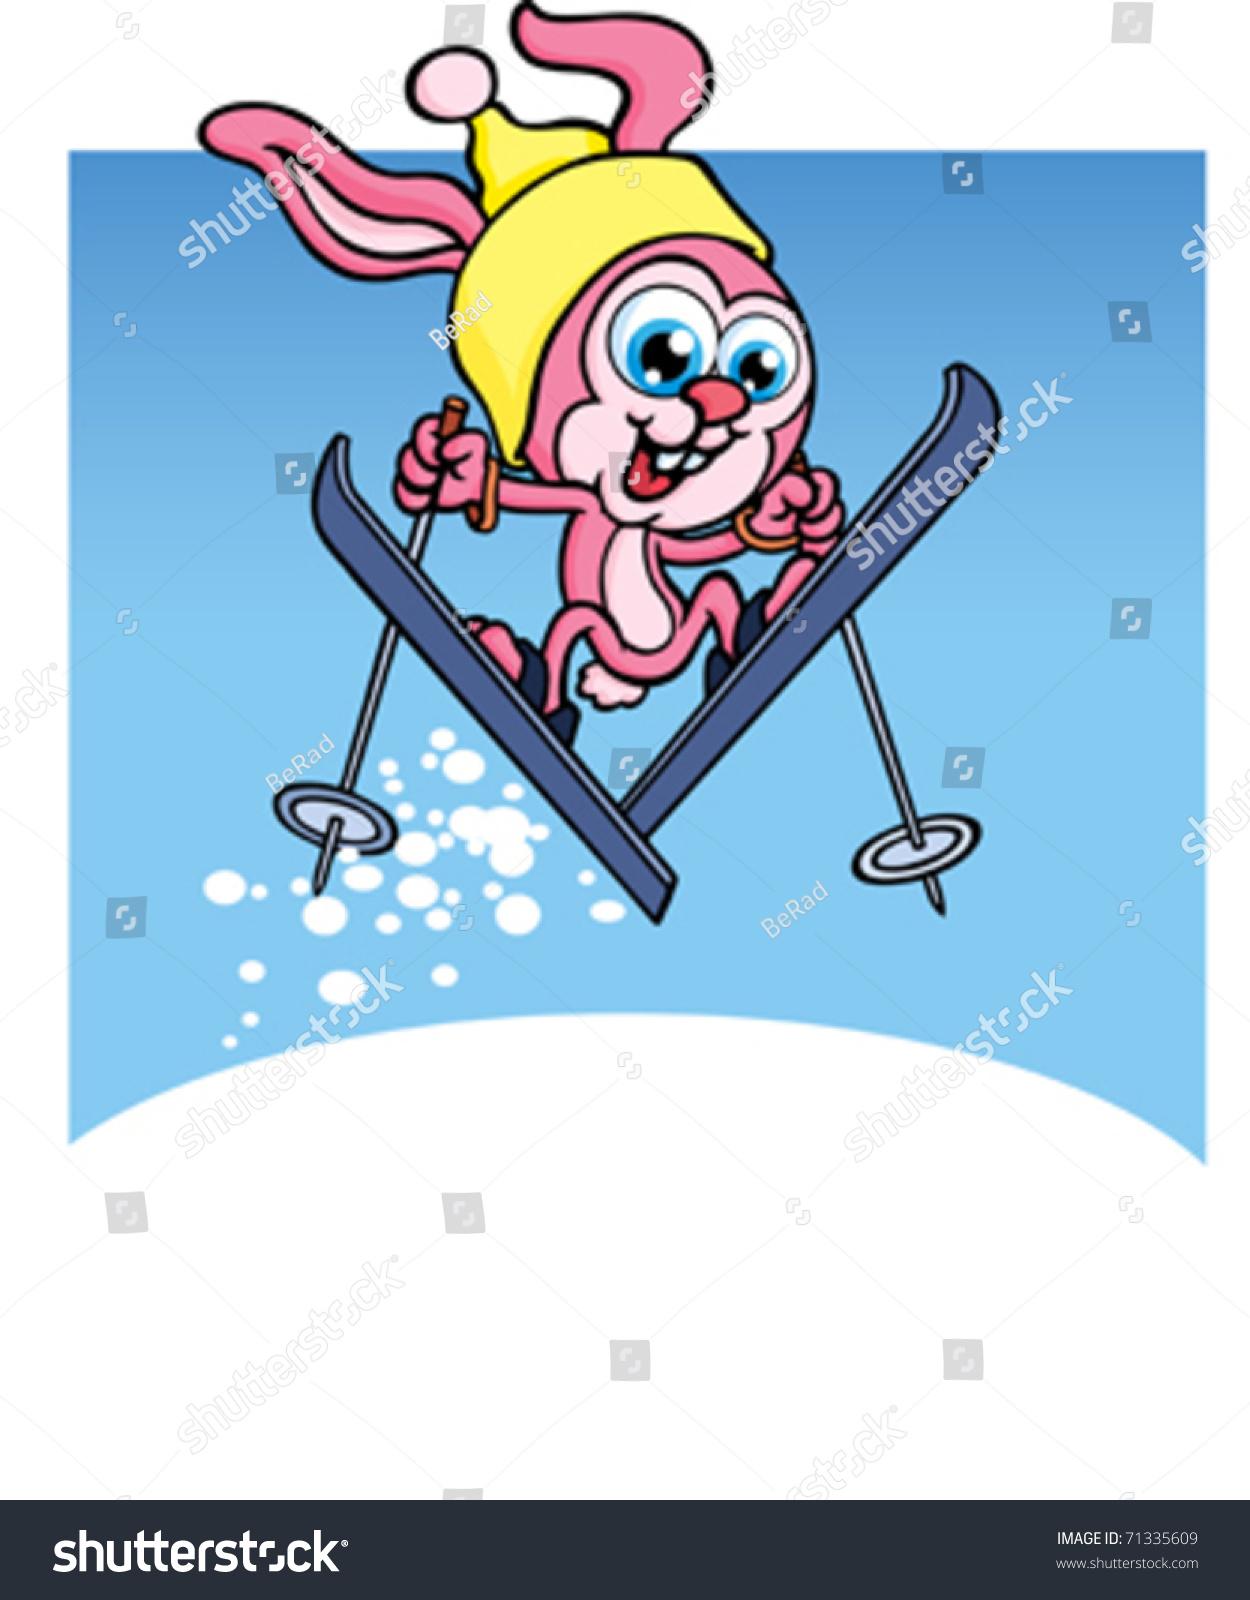 滑雪兔子-运动/娱乐活动,插图/剪贴图-海洛创意()-合.